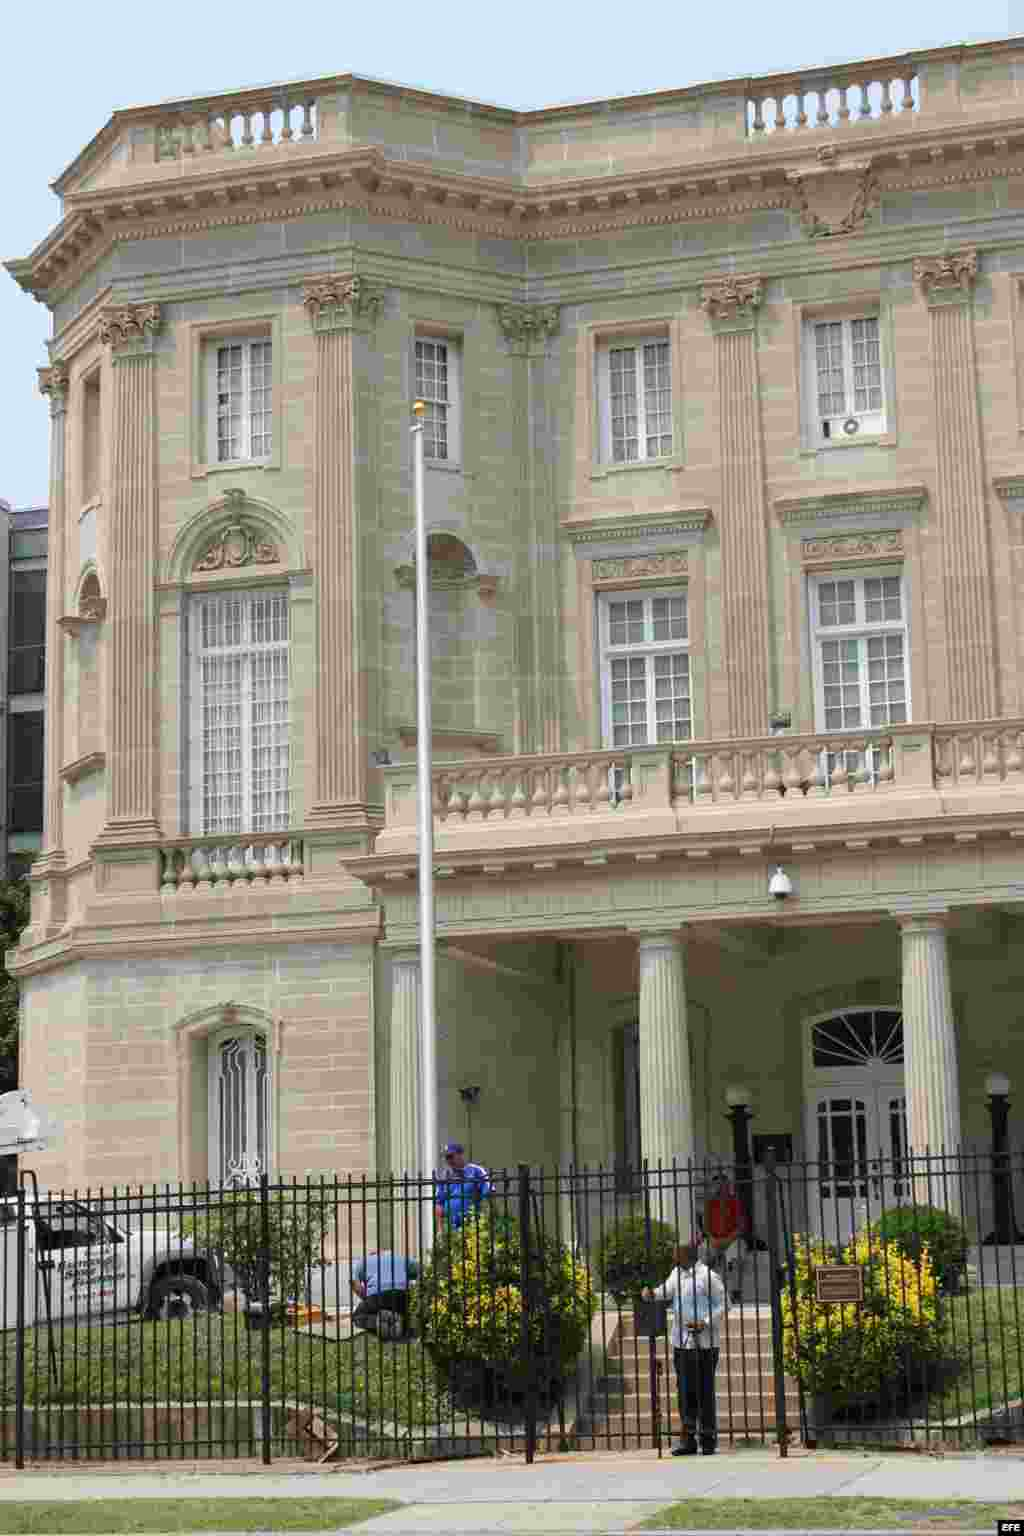 El mástil ubicado a la izquierda está listo para izar bandera en el momento en que se anuncie la apertura de embajadas cubana.